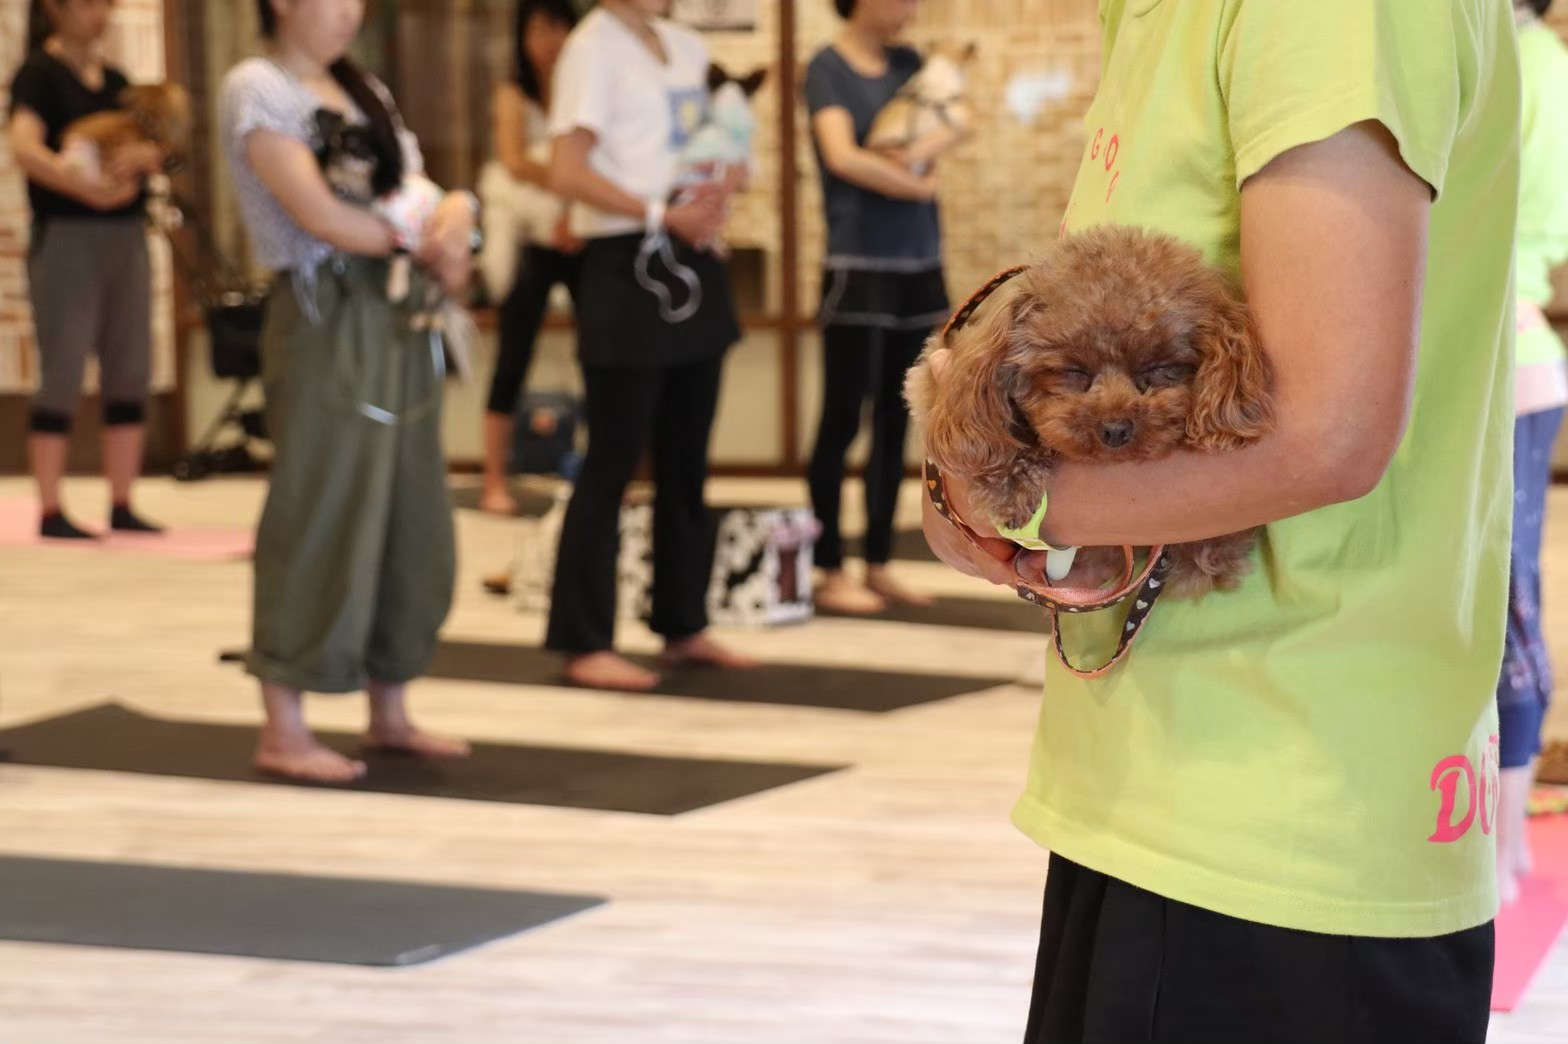 満枠のためご予約受付締切 10月25日(日)「ワンコット yoga」開催!